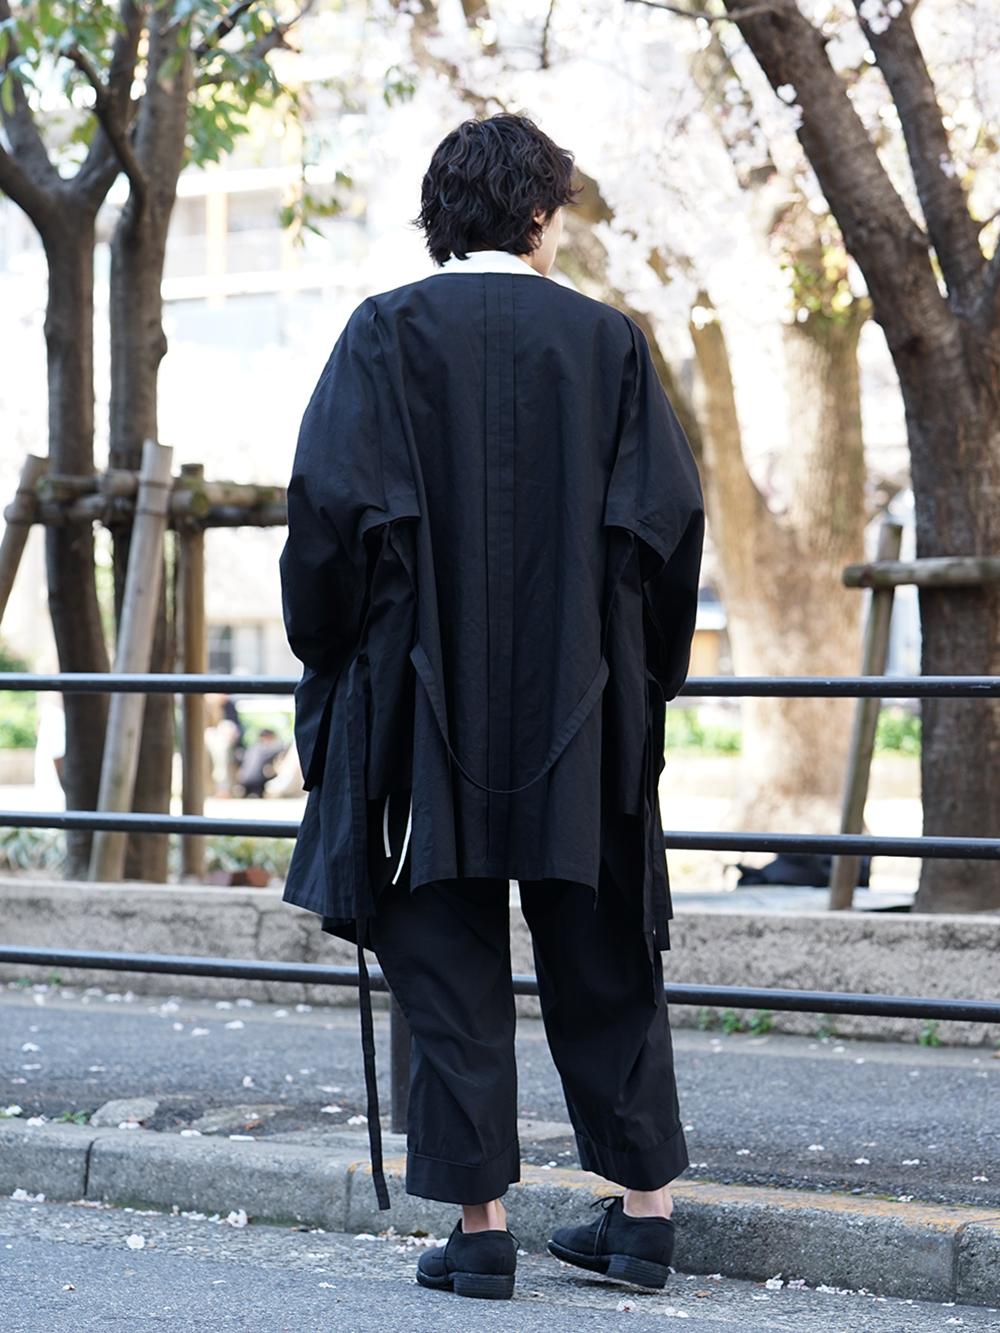 ZIGGY CHEN x B Yohji Yamamoto Japonism Style - 1-003